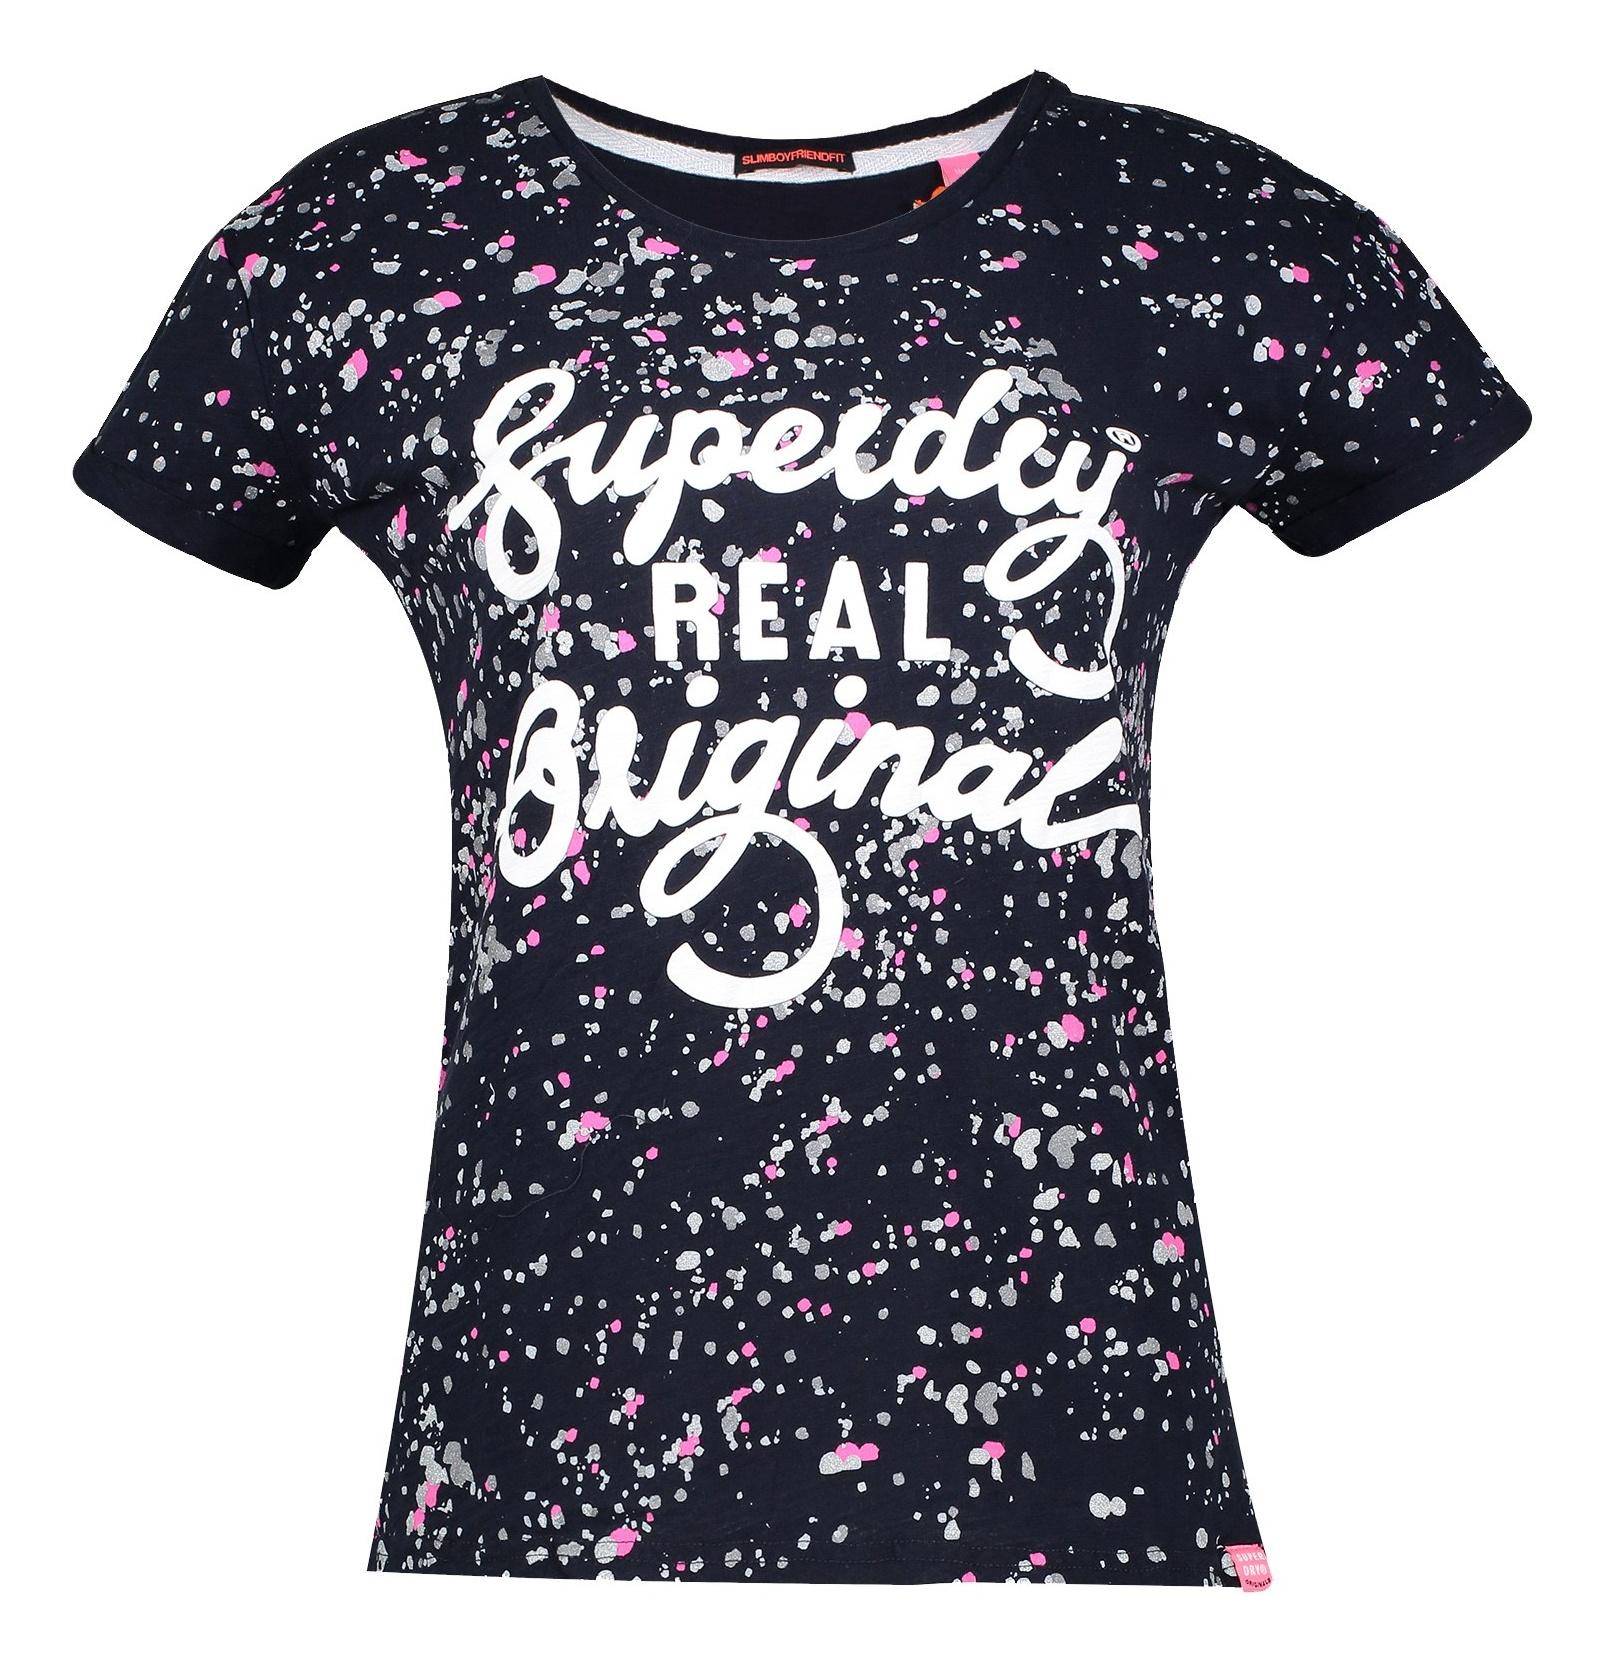 تی شرت نخی یقه گرد زنانه - سوپردرای - سرمه اي - 1